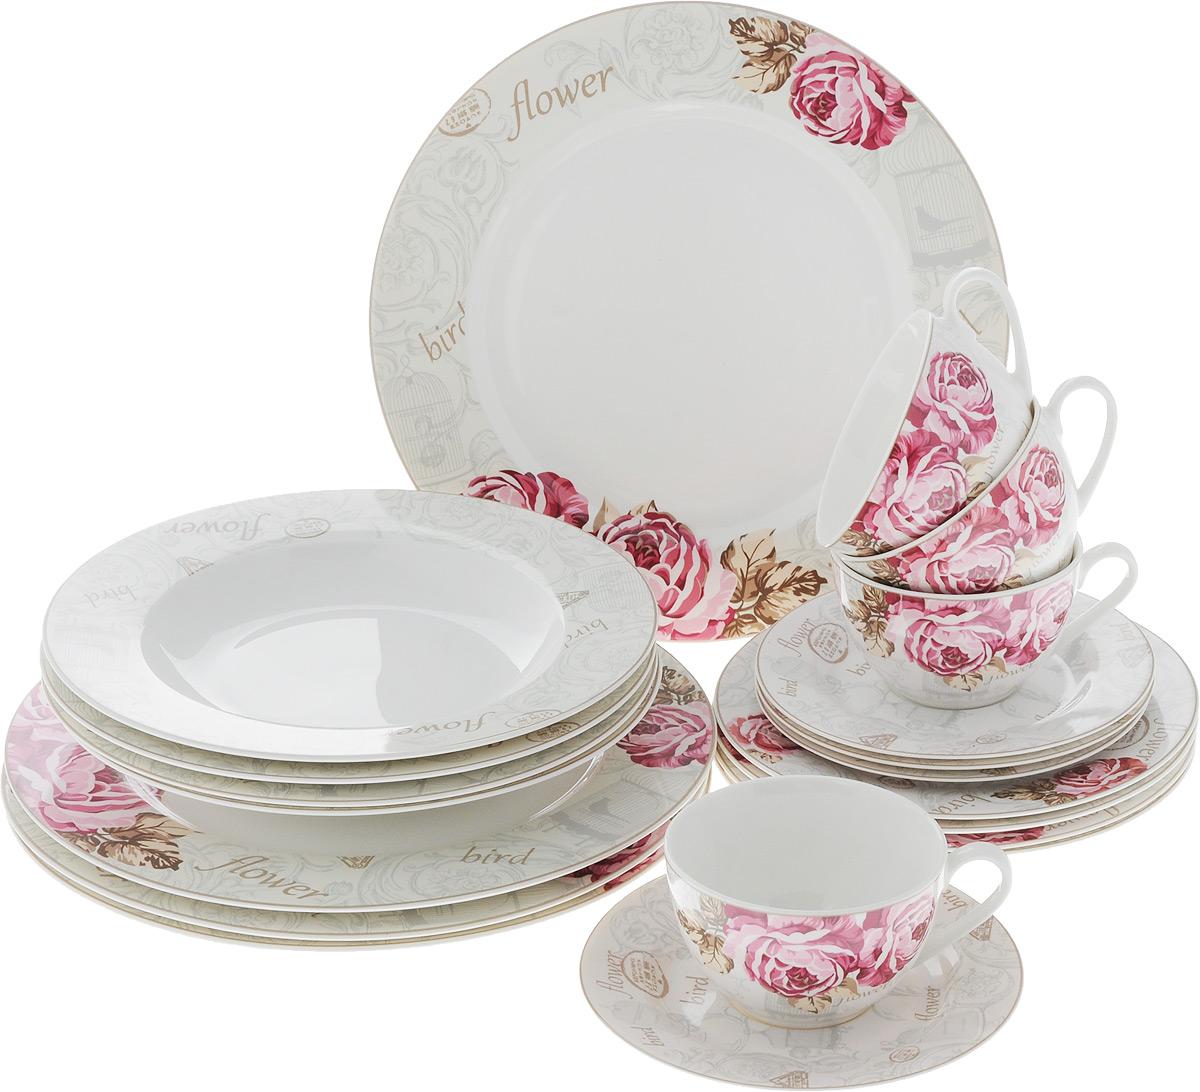 Набор столовой посуды Цветы и птицы, 20 предметов. 15-27215-272Набор столовой посуды Цветы и птицы состоит из 4 обеденных тарелок, 4 суповых тарелок, 4 десертных тарелок, 4 блюдец и 4 чашек. Изделия выполнены из фарфора и дополнены изысканным рисунком. Посуда отличается прочностью, гигиеничностью и долгим сроком службы, она устойчива к появлению царапин. Такой набор прекрасно подойдет как для повседневного использования, так и для праздников или особенных случаев. Такой набор столовой посуды - это не только яркий и полезный подарок для родных и близких, а также великолепное дизайнерское решение для вашей кухни или столовой. Можно использовать в микроволновой печи и мыть в посудомоечной машине. Диаметр суповой тарелки: 23 см. Высота суповой тарелки: 3 см.Диаметр обеденной тарелки: 27 см. Диаметр десертной тарелки: 19 см. Диаметр блюдца: 15,5 см. Объем чашки: 250 мл.Диаметр чашки (по верхнему краю): 9,5 см.Высота чашки: 6 см.